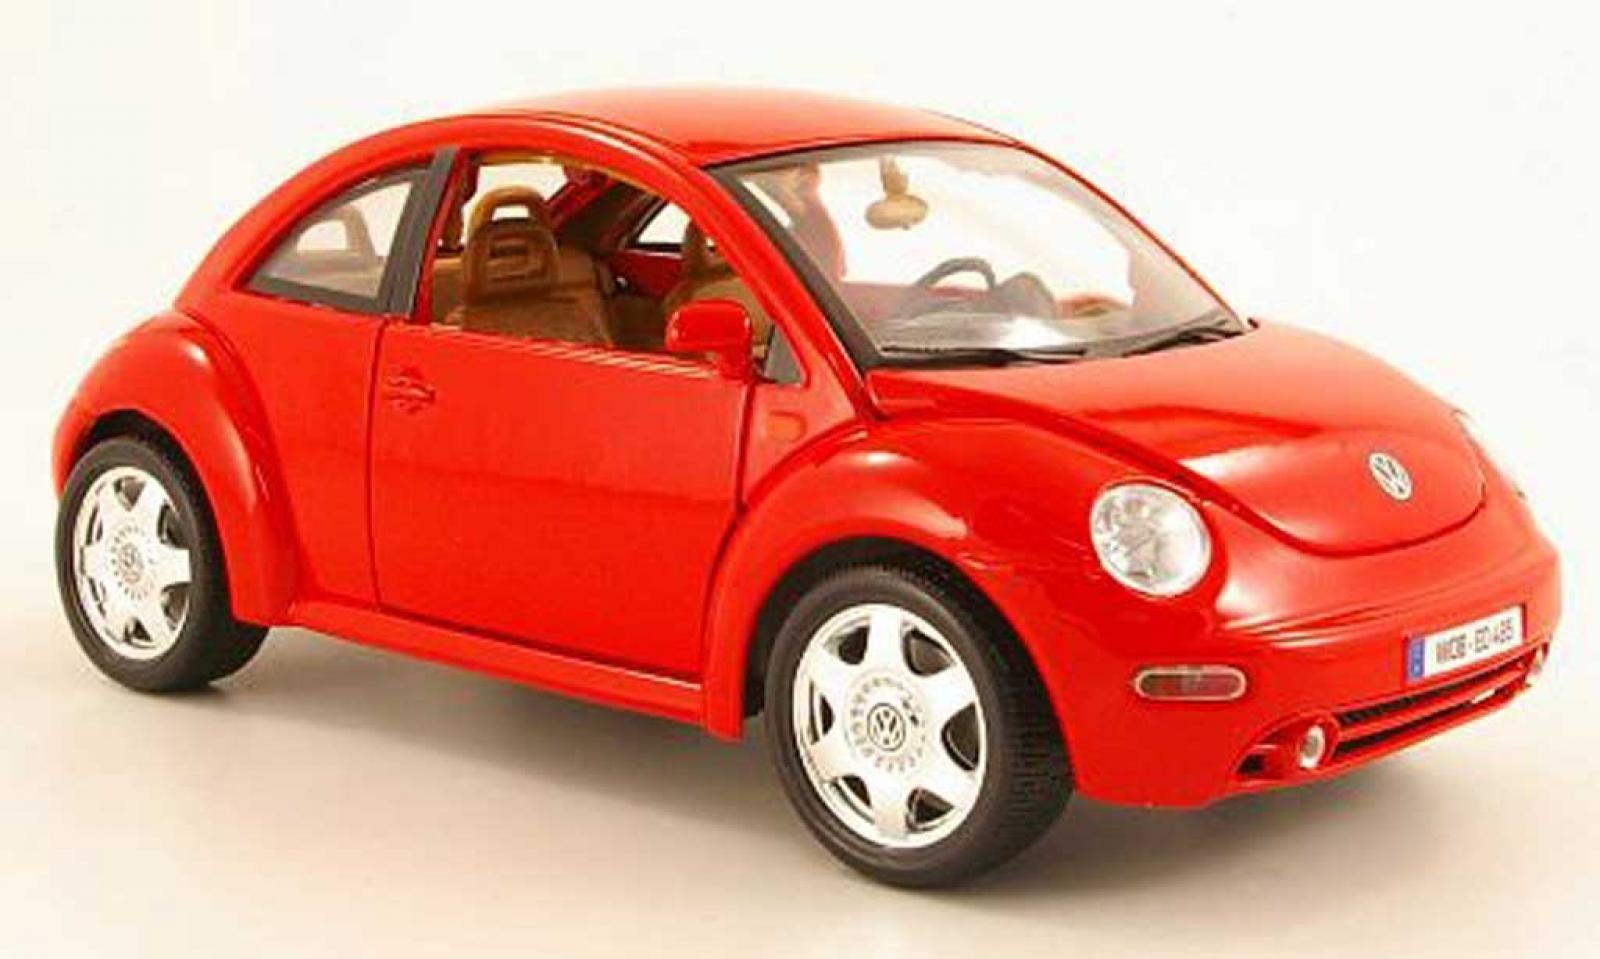 800 1024 1280 1600 Origin 1998 Volkswagen New Beetle